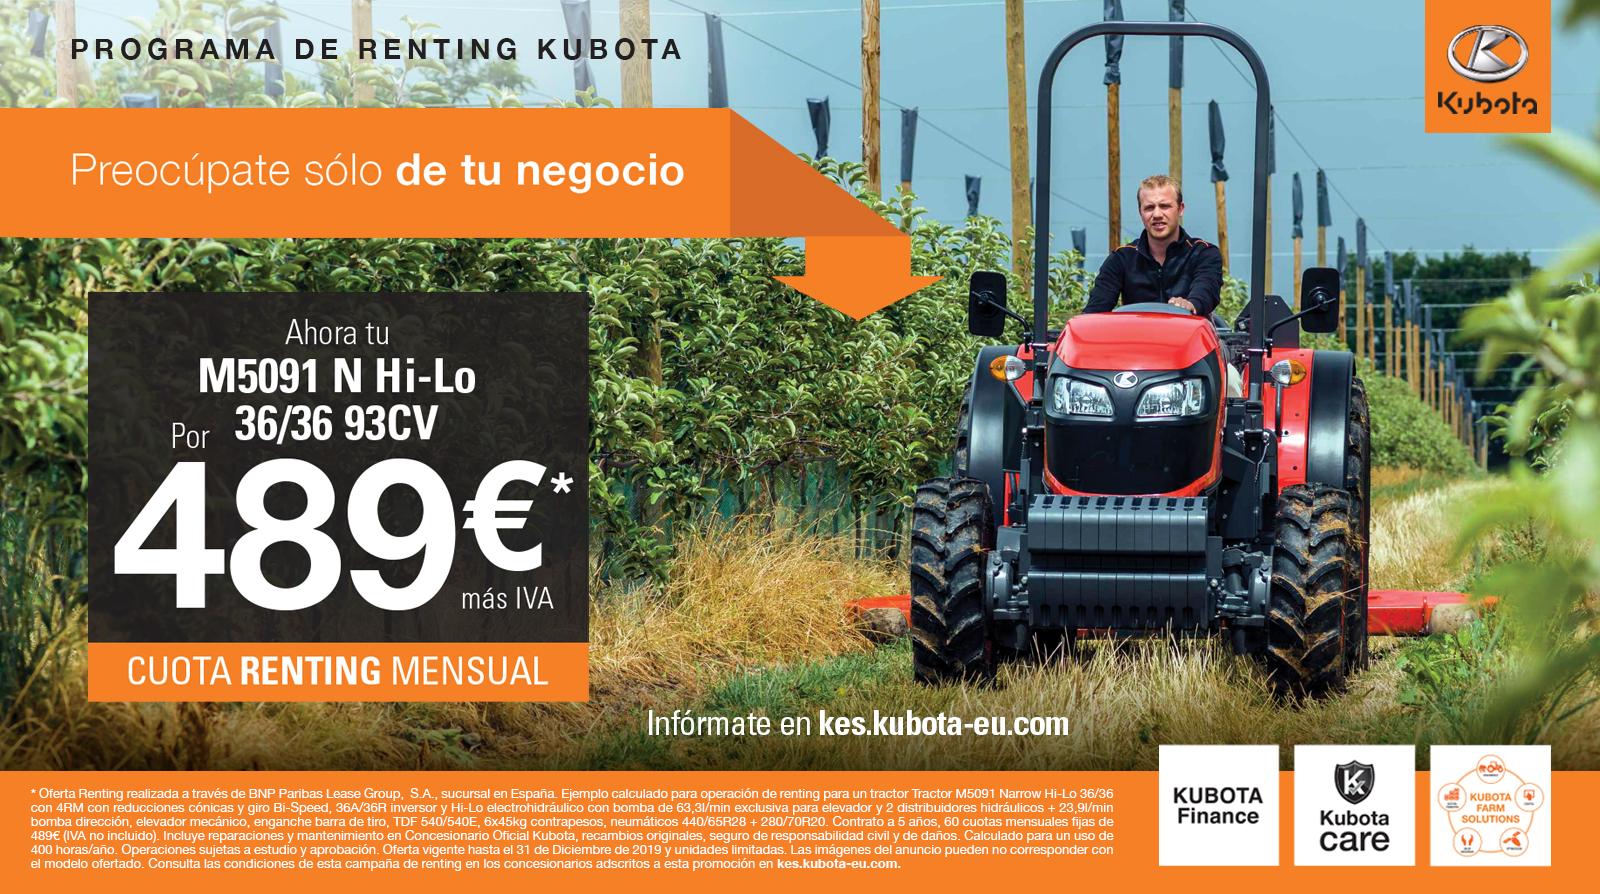 Kubota España y BNP Paribas Leasing Solutions llegan a un acuerdo para sacar el primer programa de renting con mantenimiento.  - 1